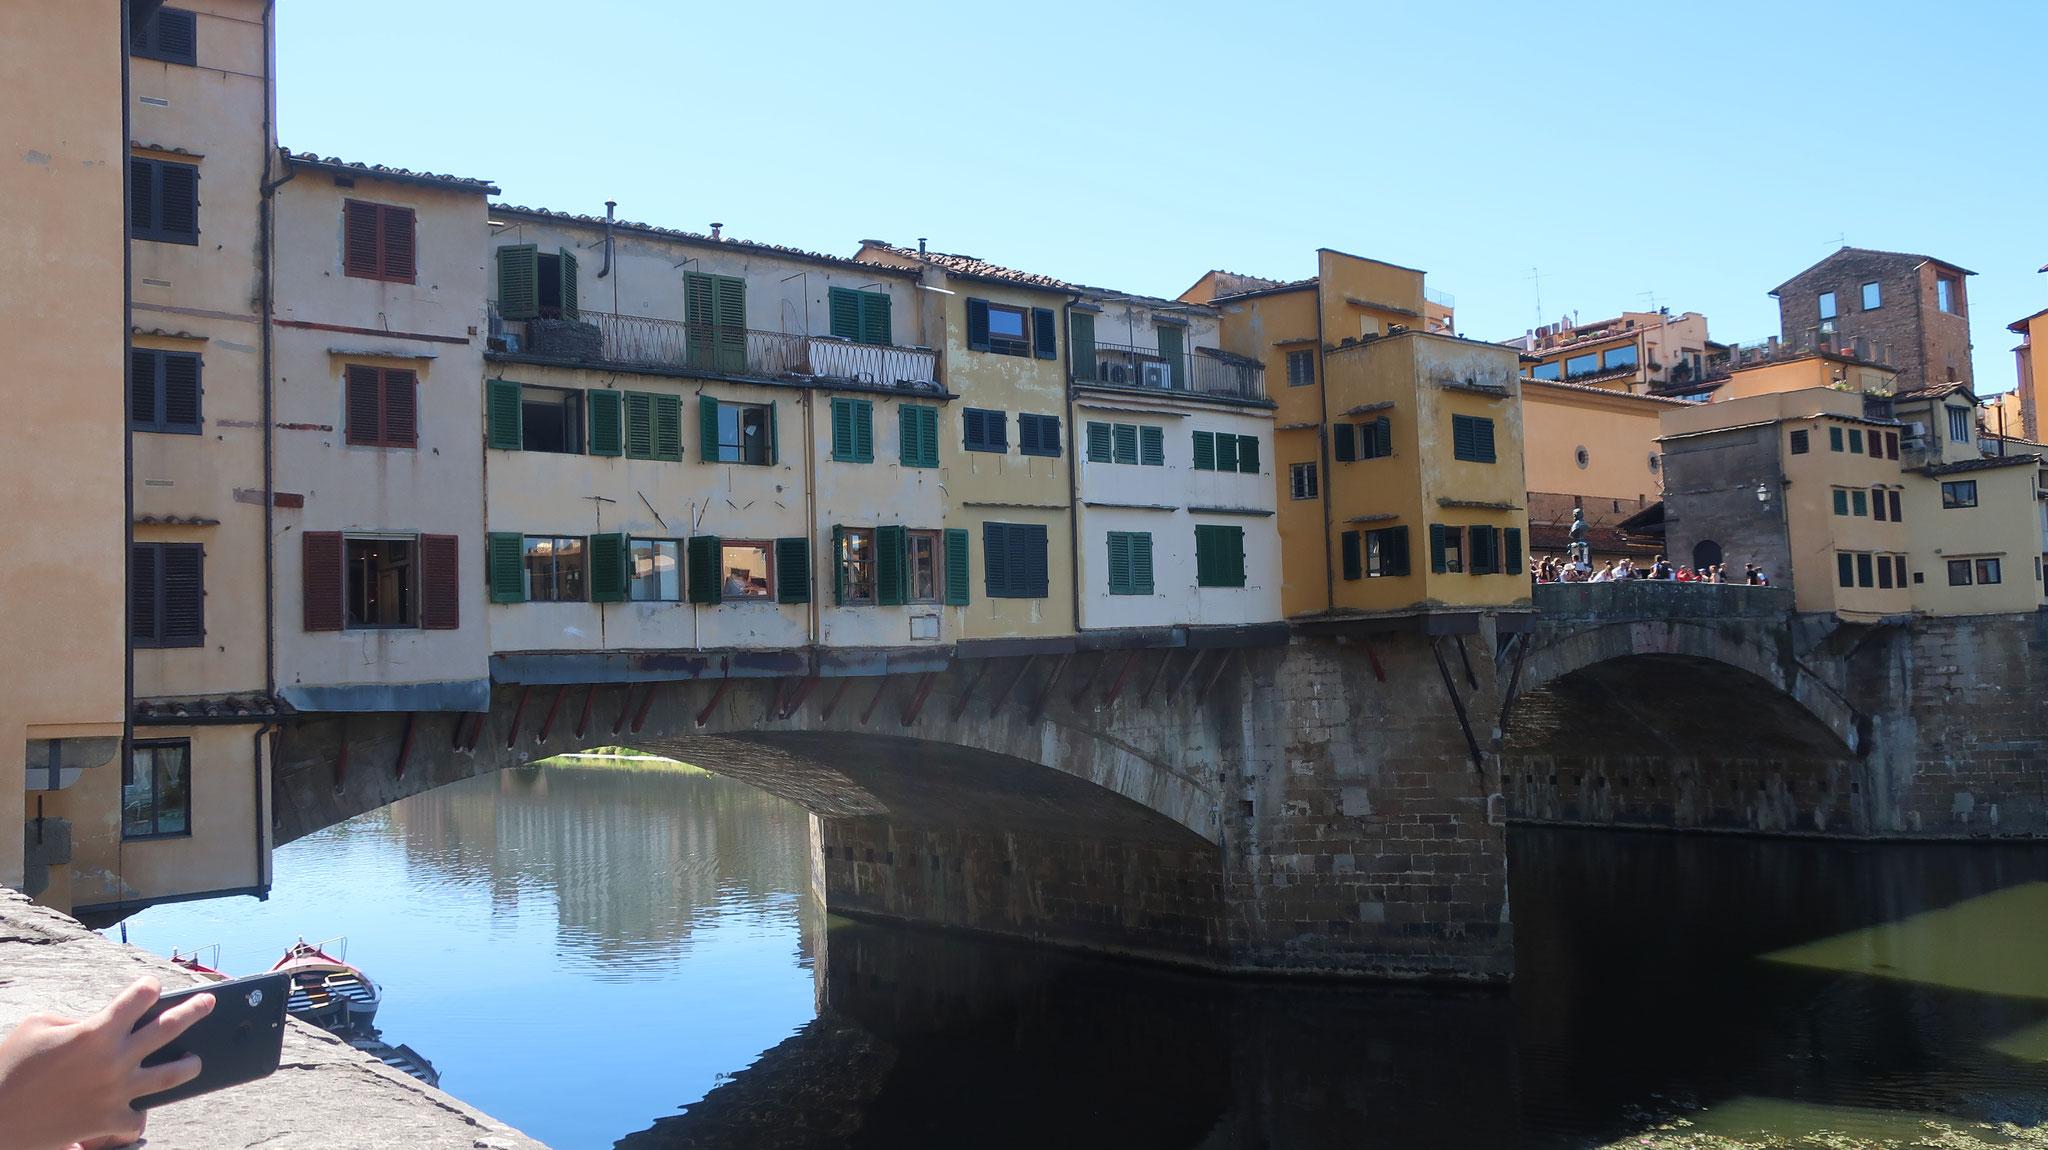 ヴェッキオ橋。メディチ家のフェルディナンド1世は、16世紀、橋の上に軒を連ねていた肉屋を立ち退かせ、宮殿周辺にふさわしい貴金属店や宝石店を集めました。